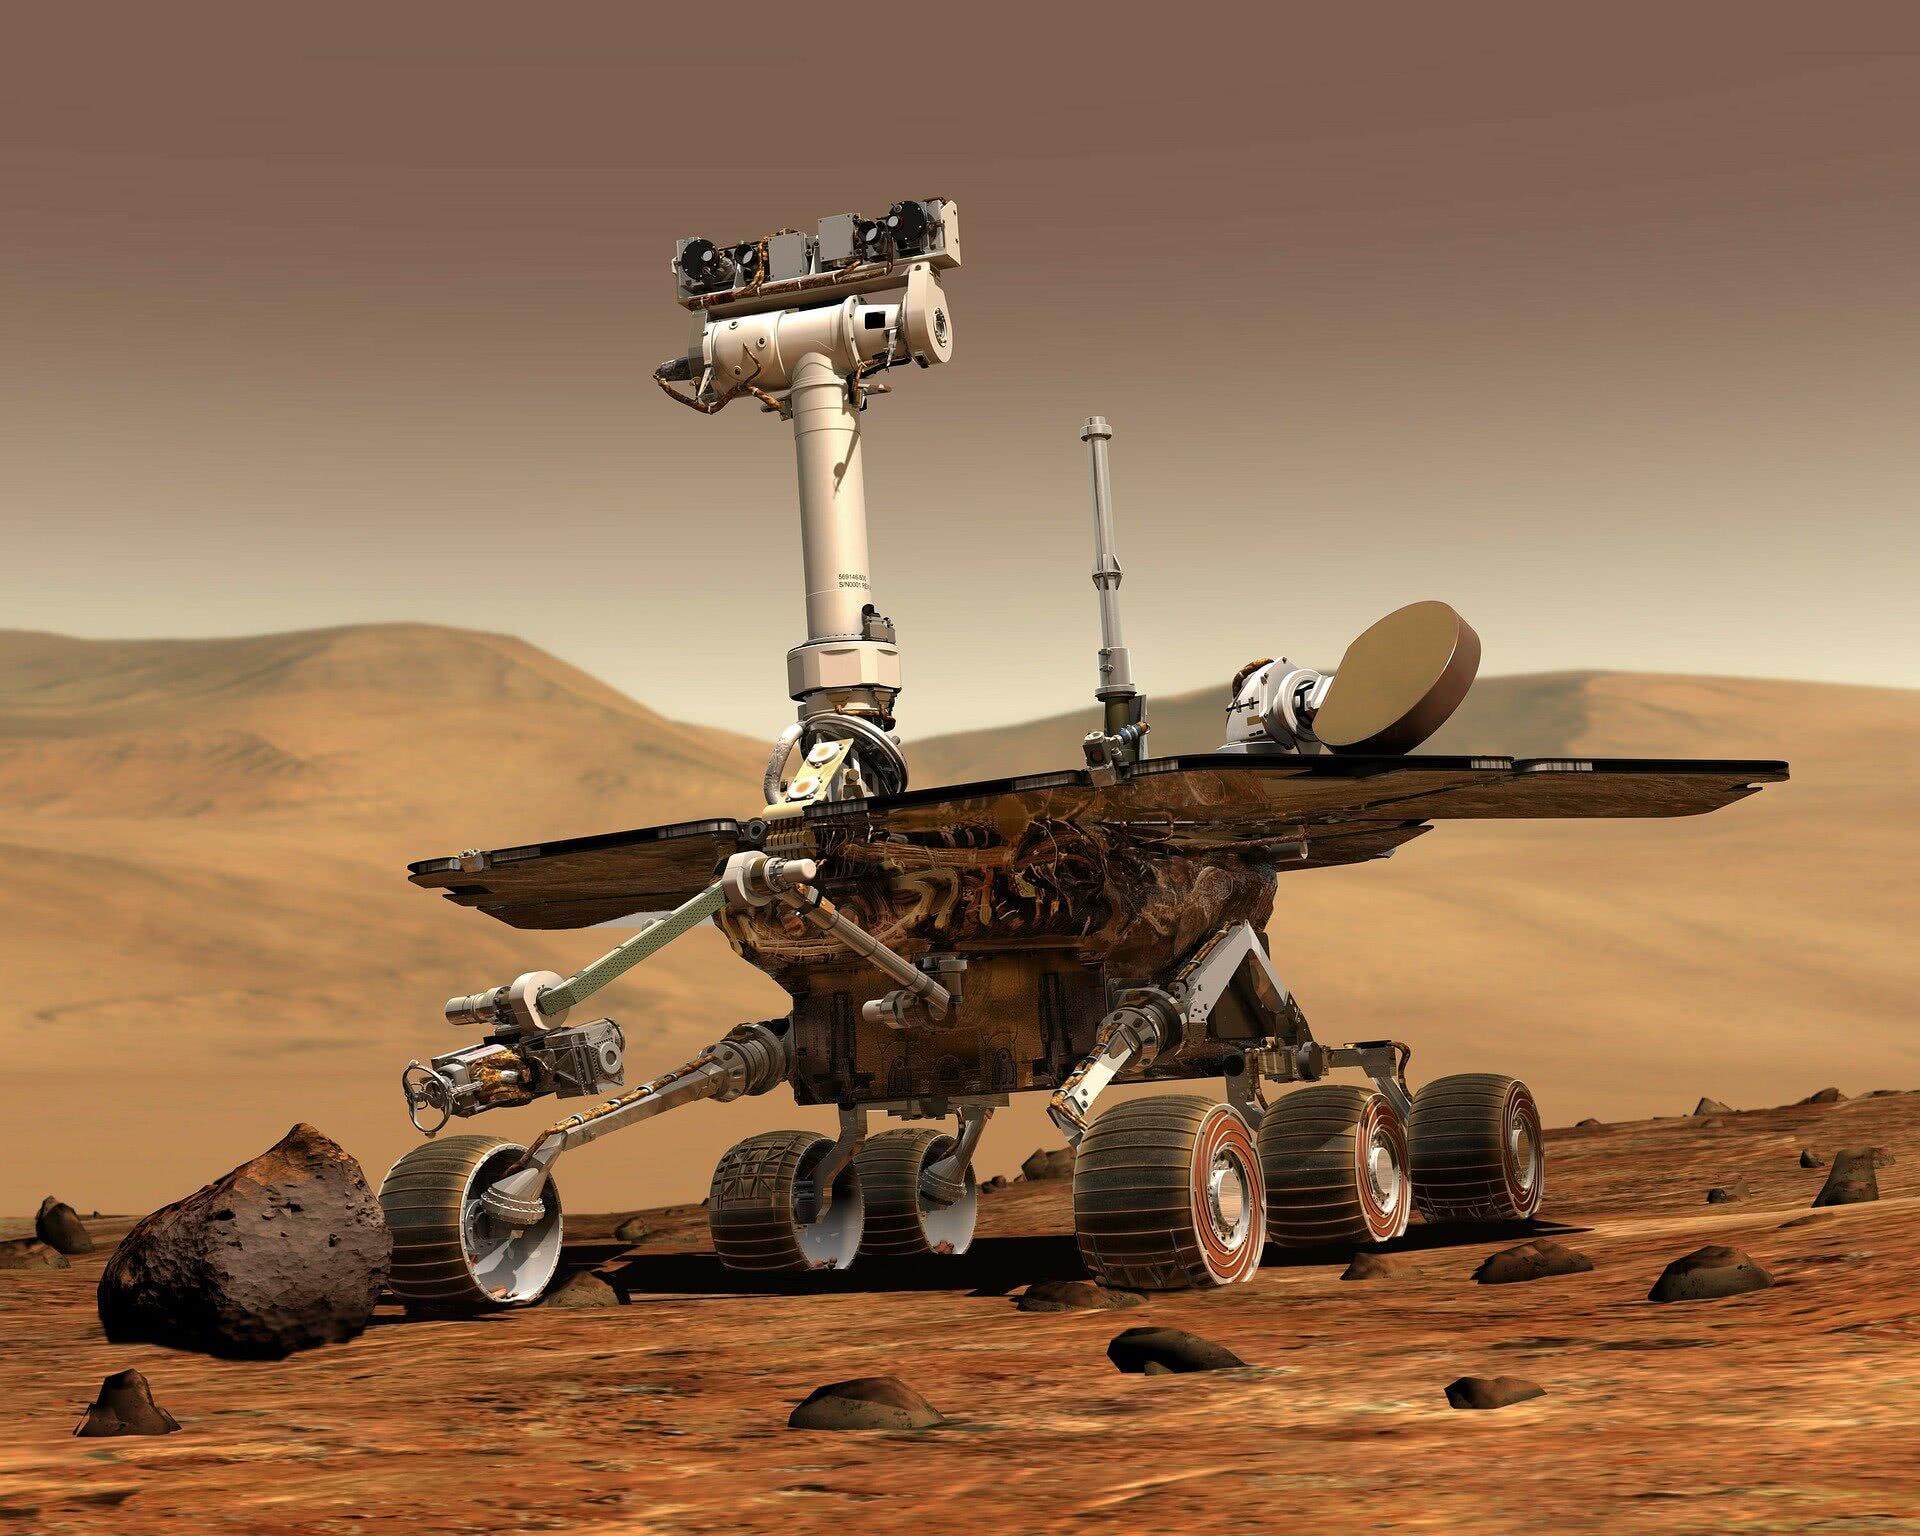 火星上真有生命?风蚀作用产生甲烷已被排除,科学家们兴奋了!